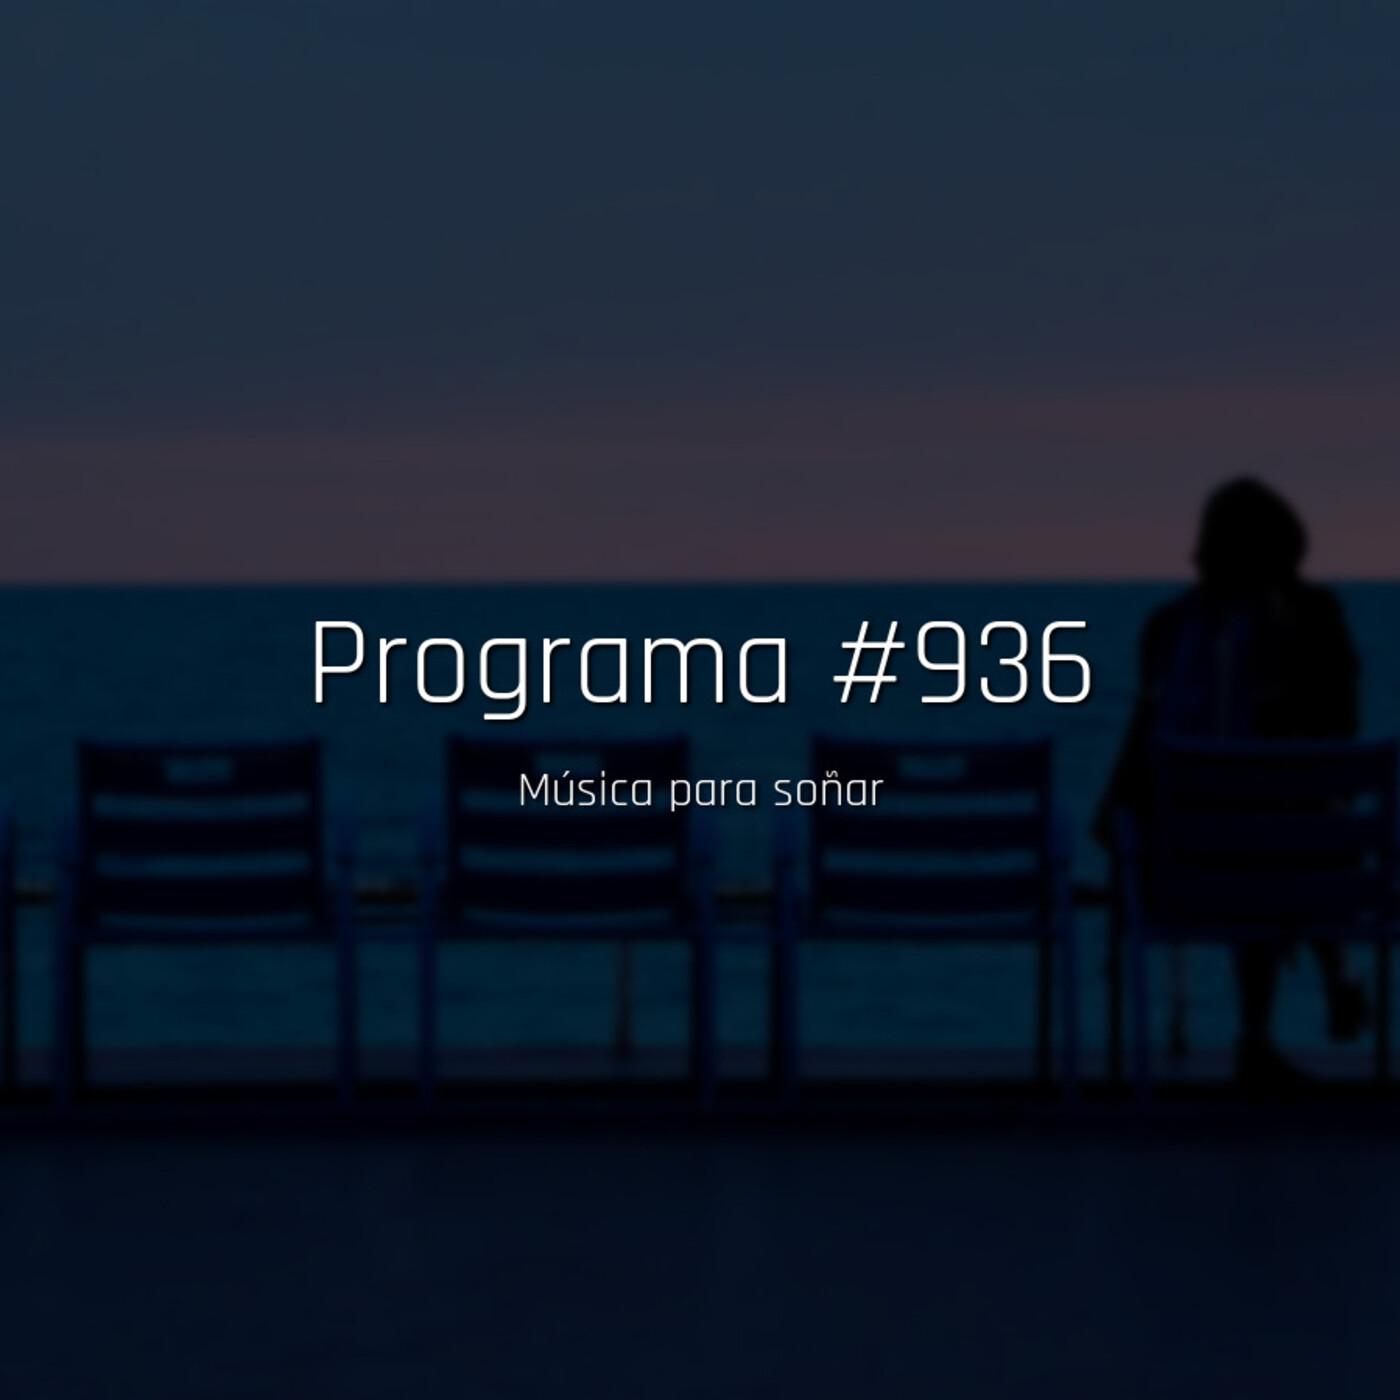 #936, música para soñar